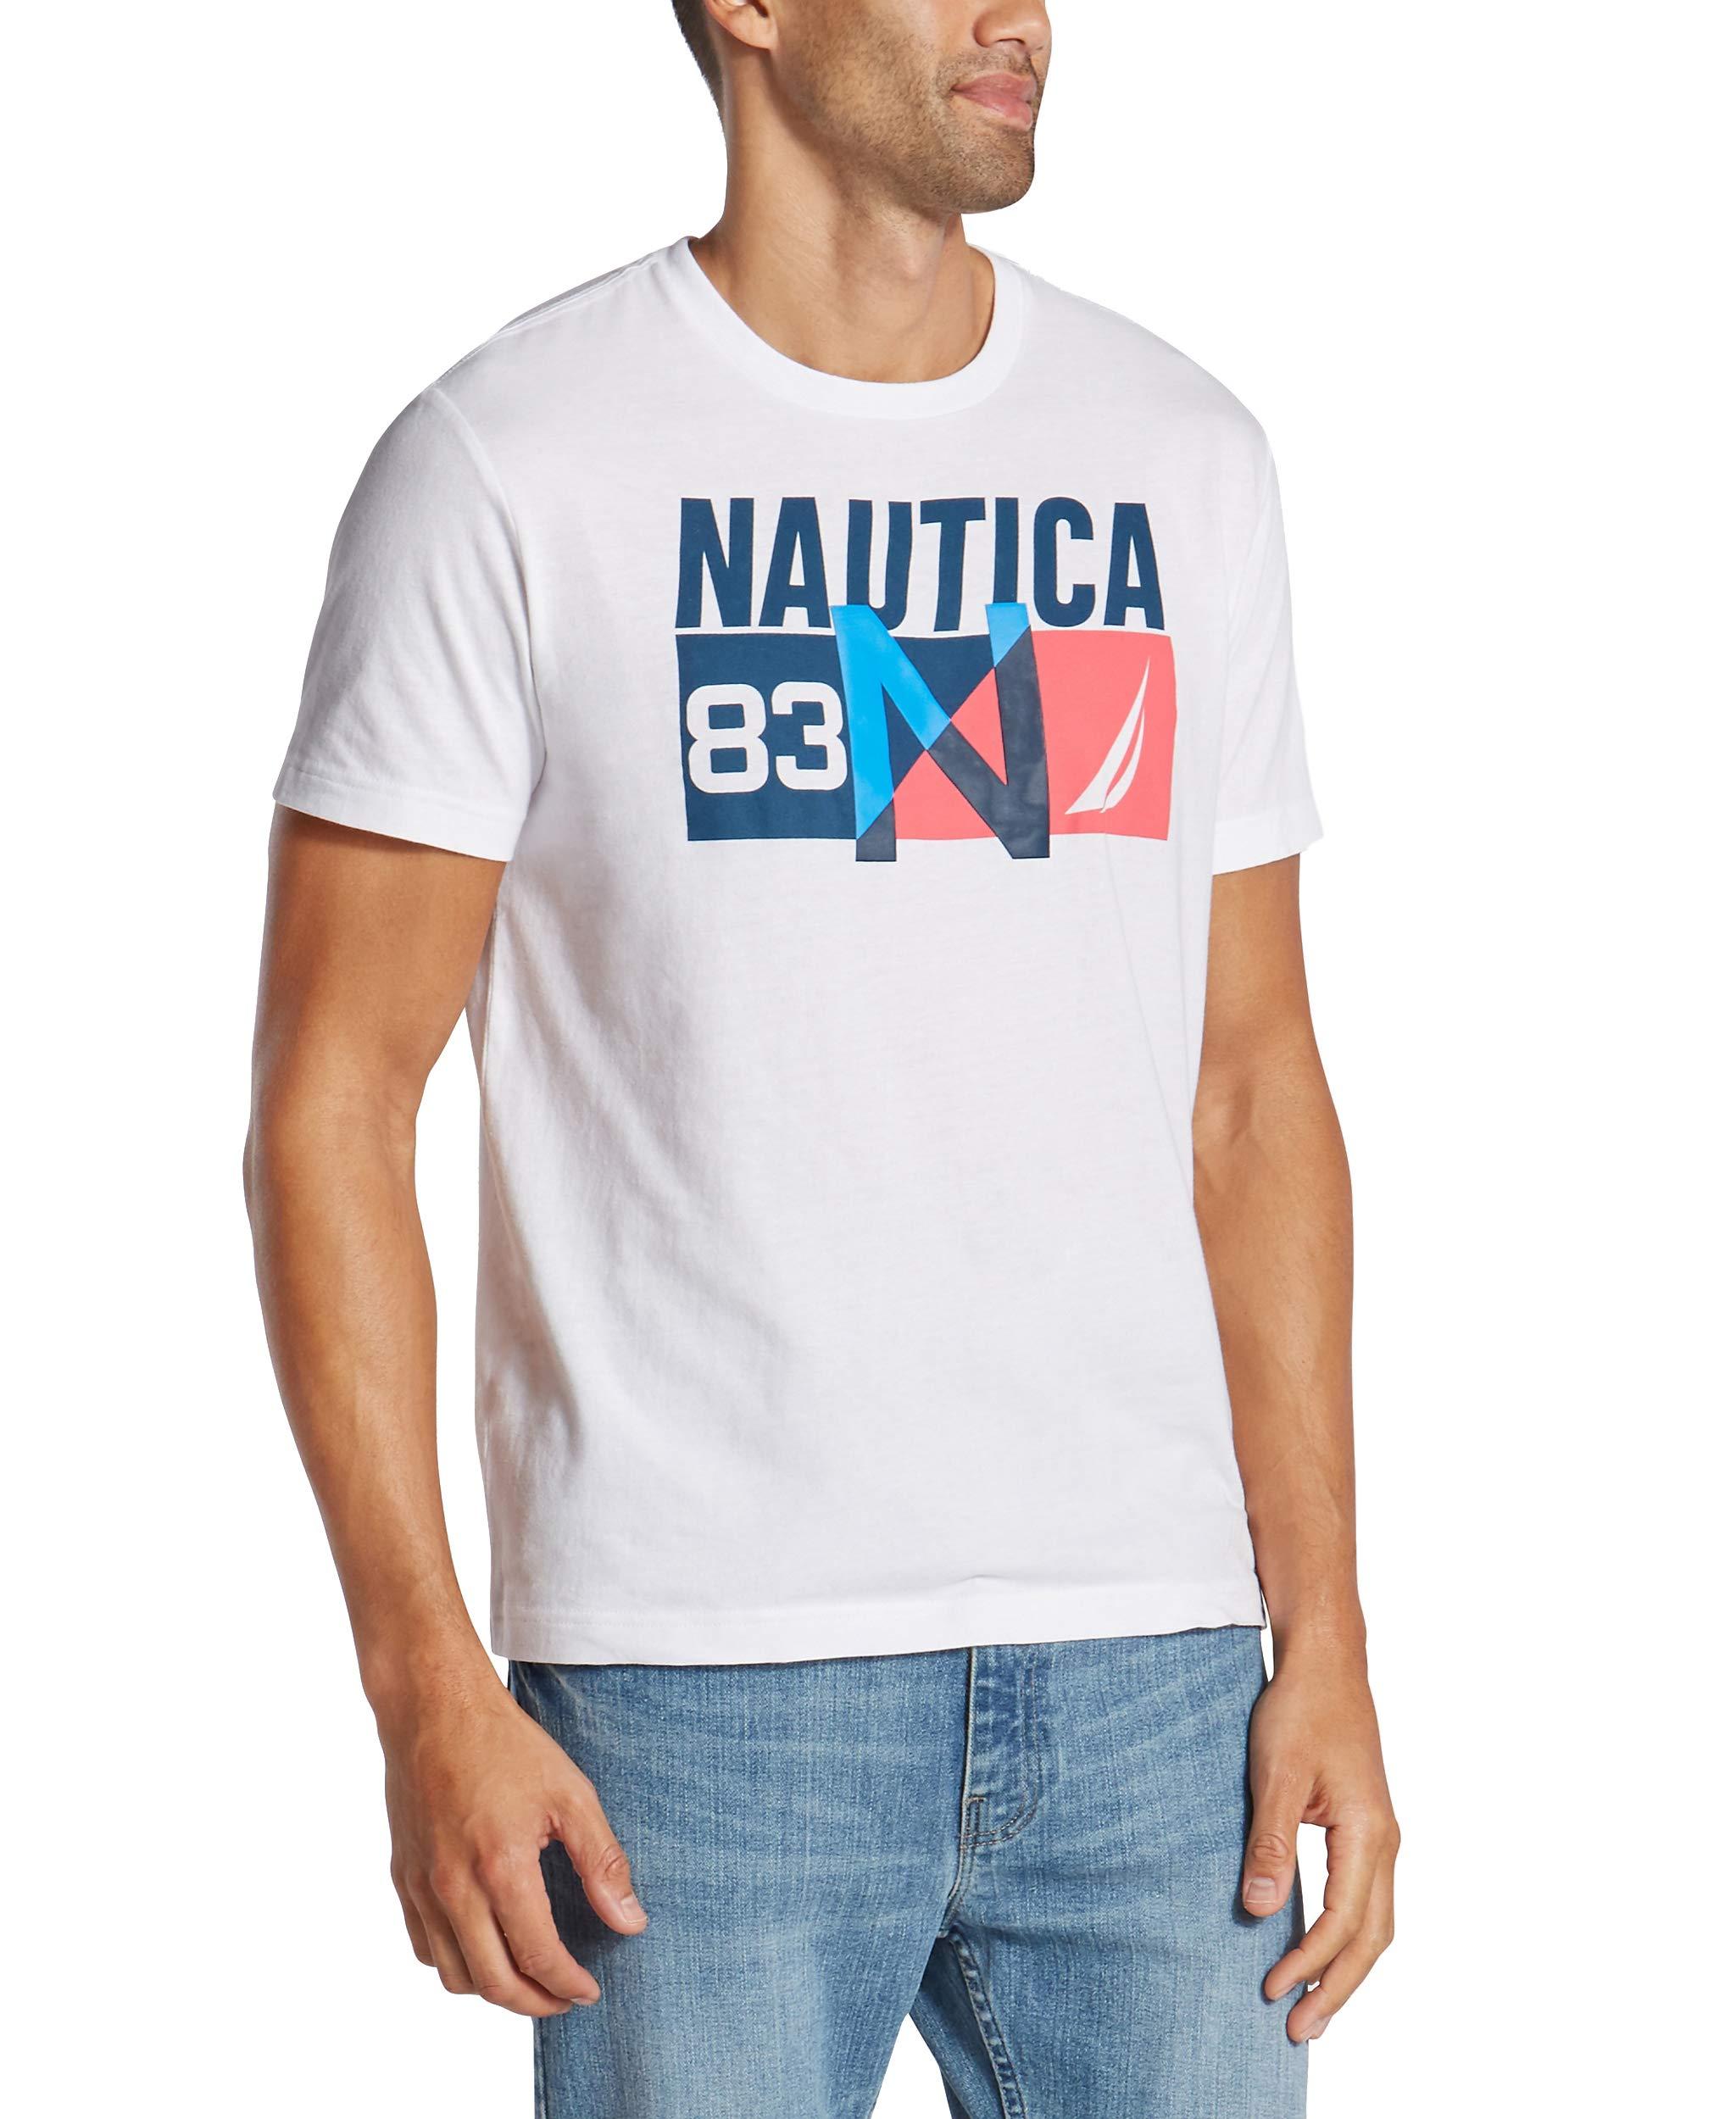 bb2093de69b2 Amazon.com: Nautica: New Arrivals